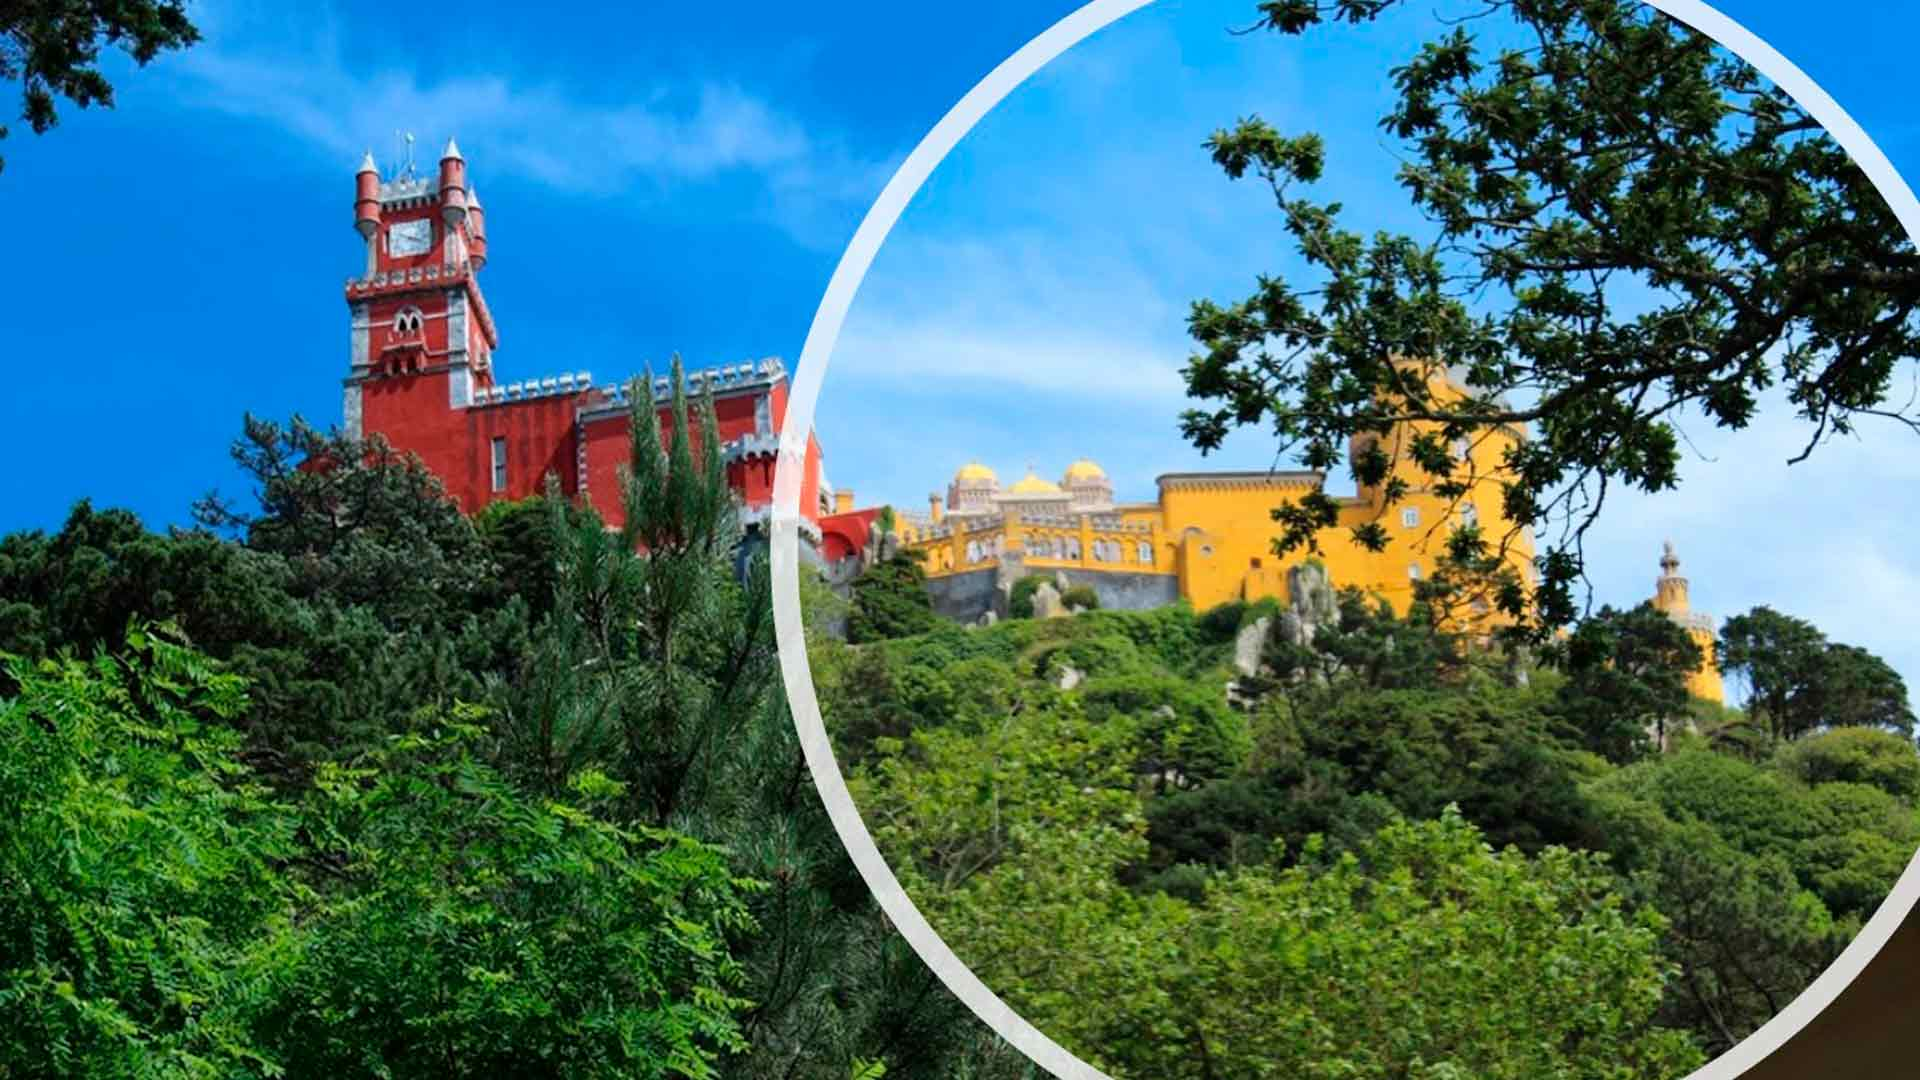 Detalhe das torres do Palácio Nacional da Pena, em Sintra